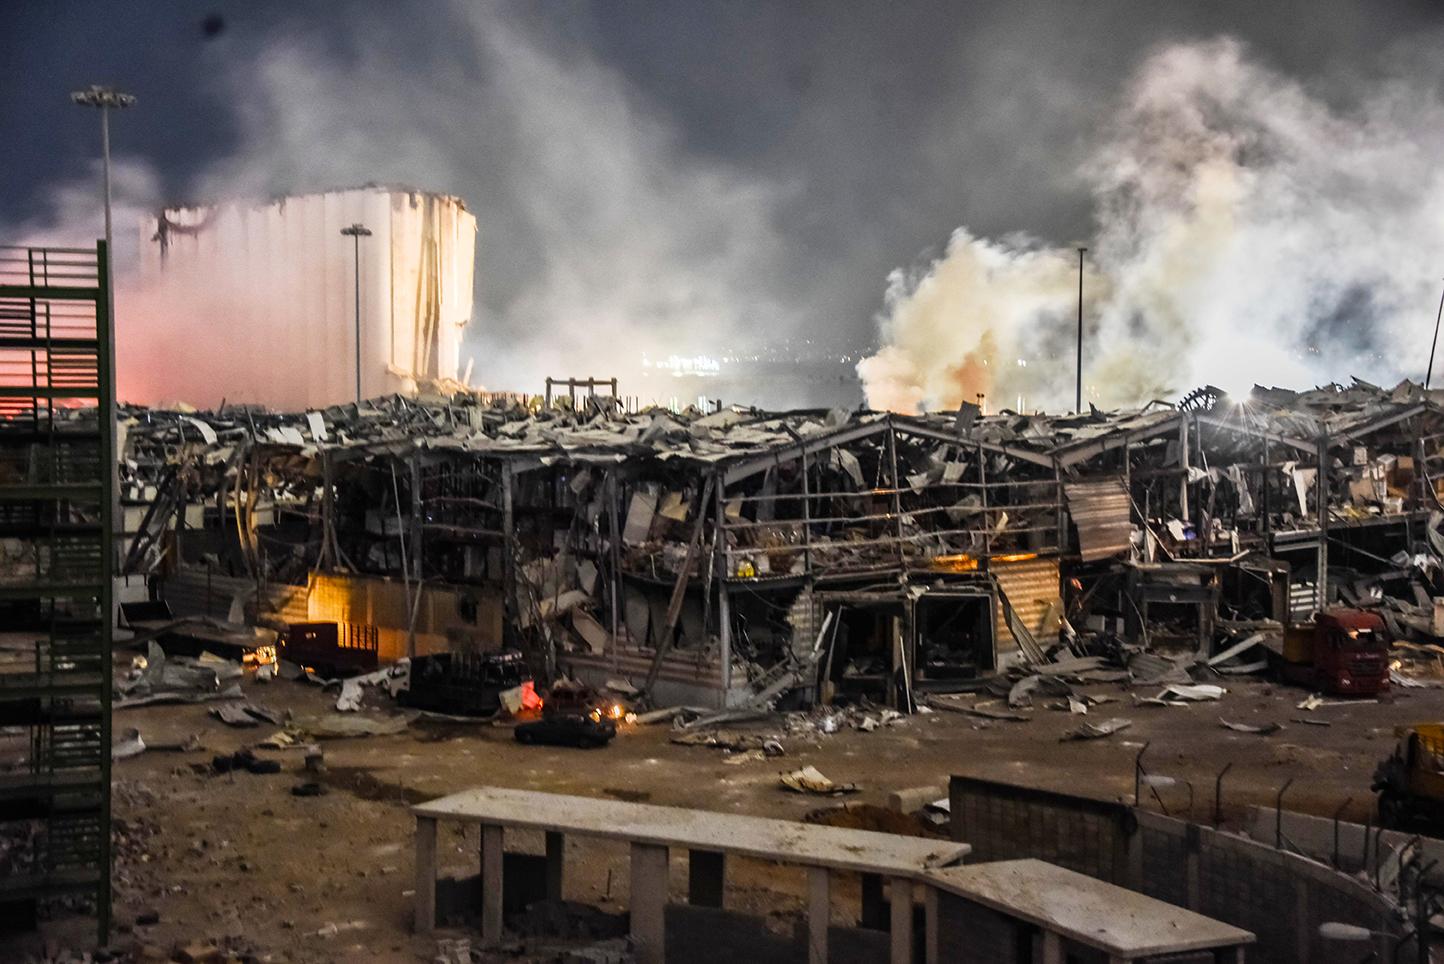 Fumaça e molduras de edifícios destruídos.